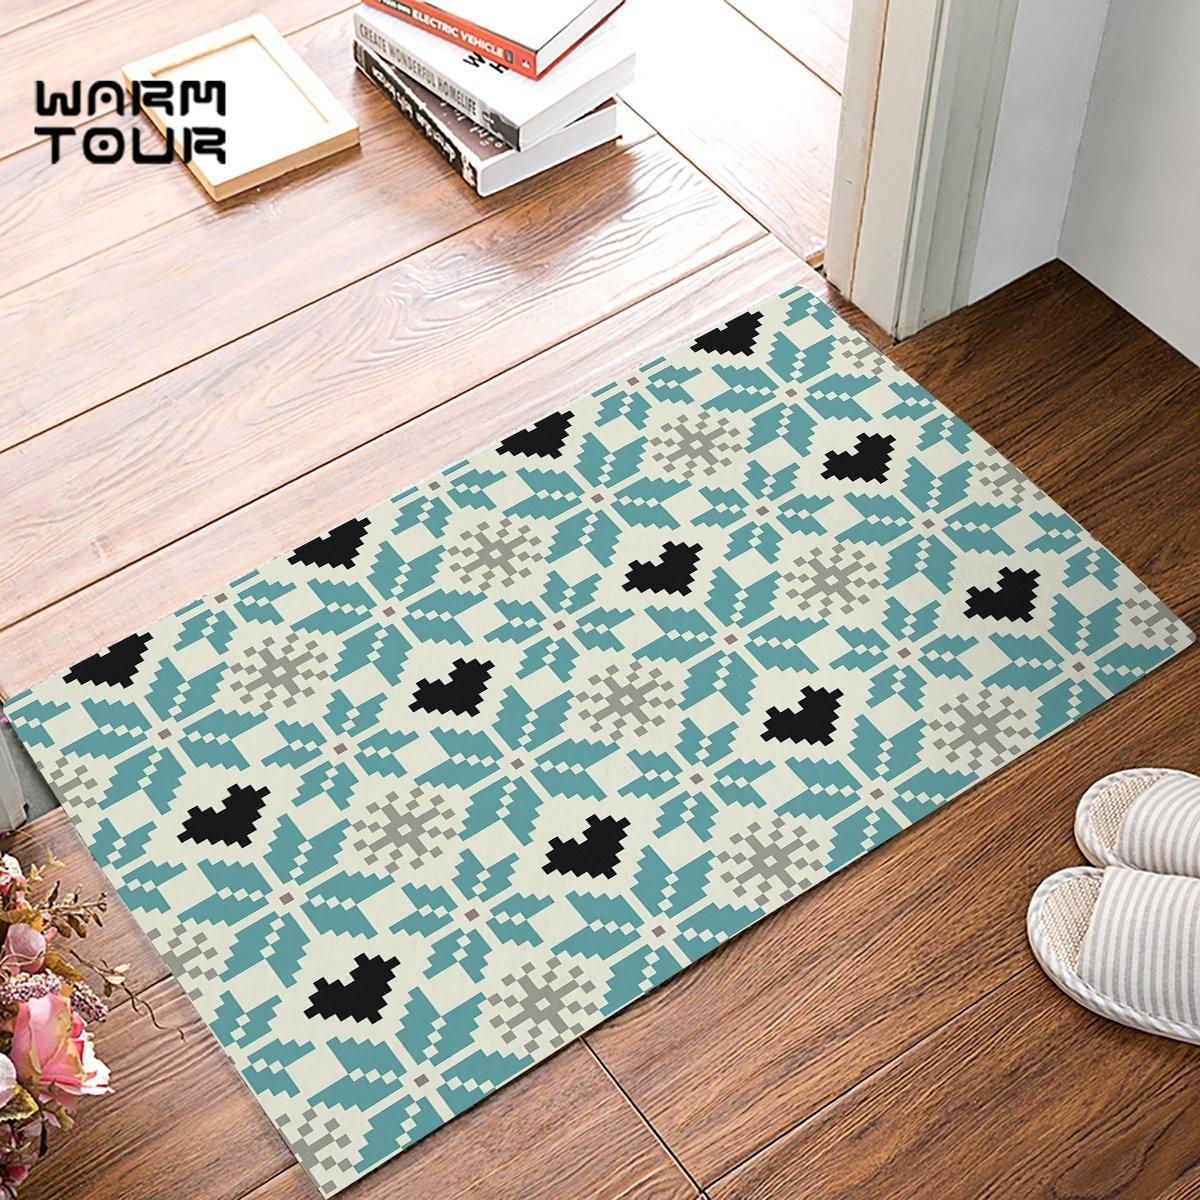 Floor Decor Coupons: Vintage Bohemia Decorative Pattern Door Mats Kitchen Floor